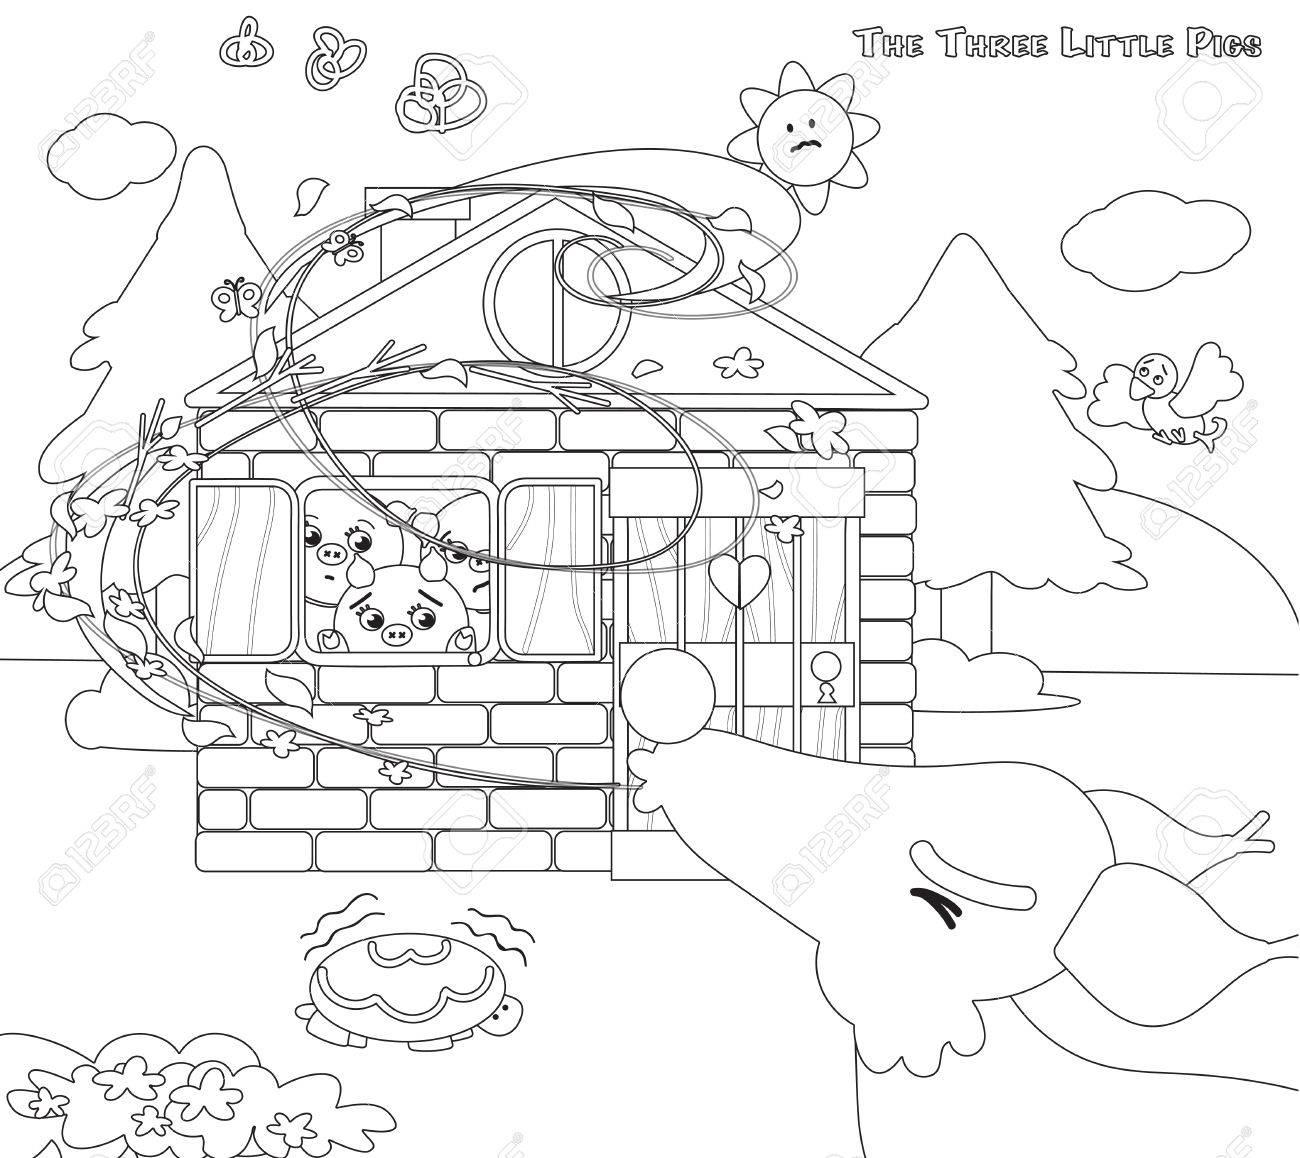 Dibujos Para Colorear Tres Pequeños Cerdos Lobo Soplando 10 ...